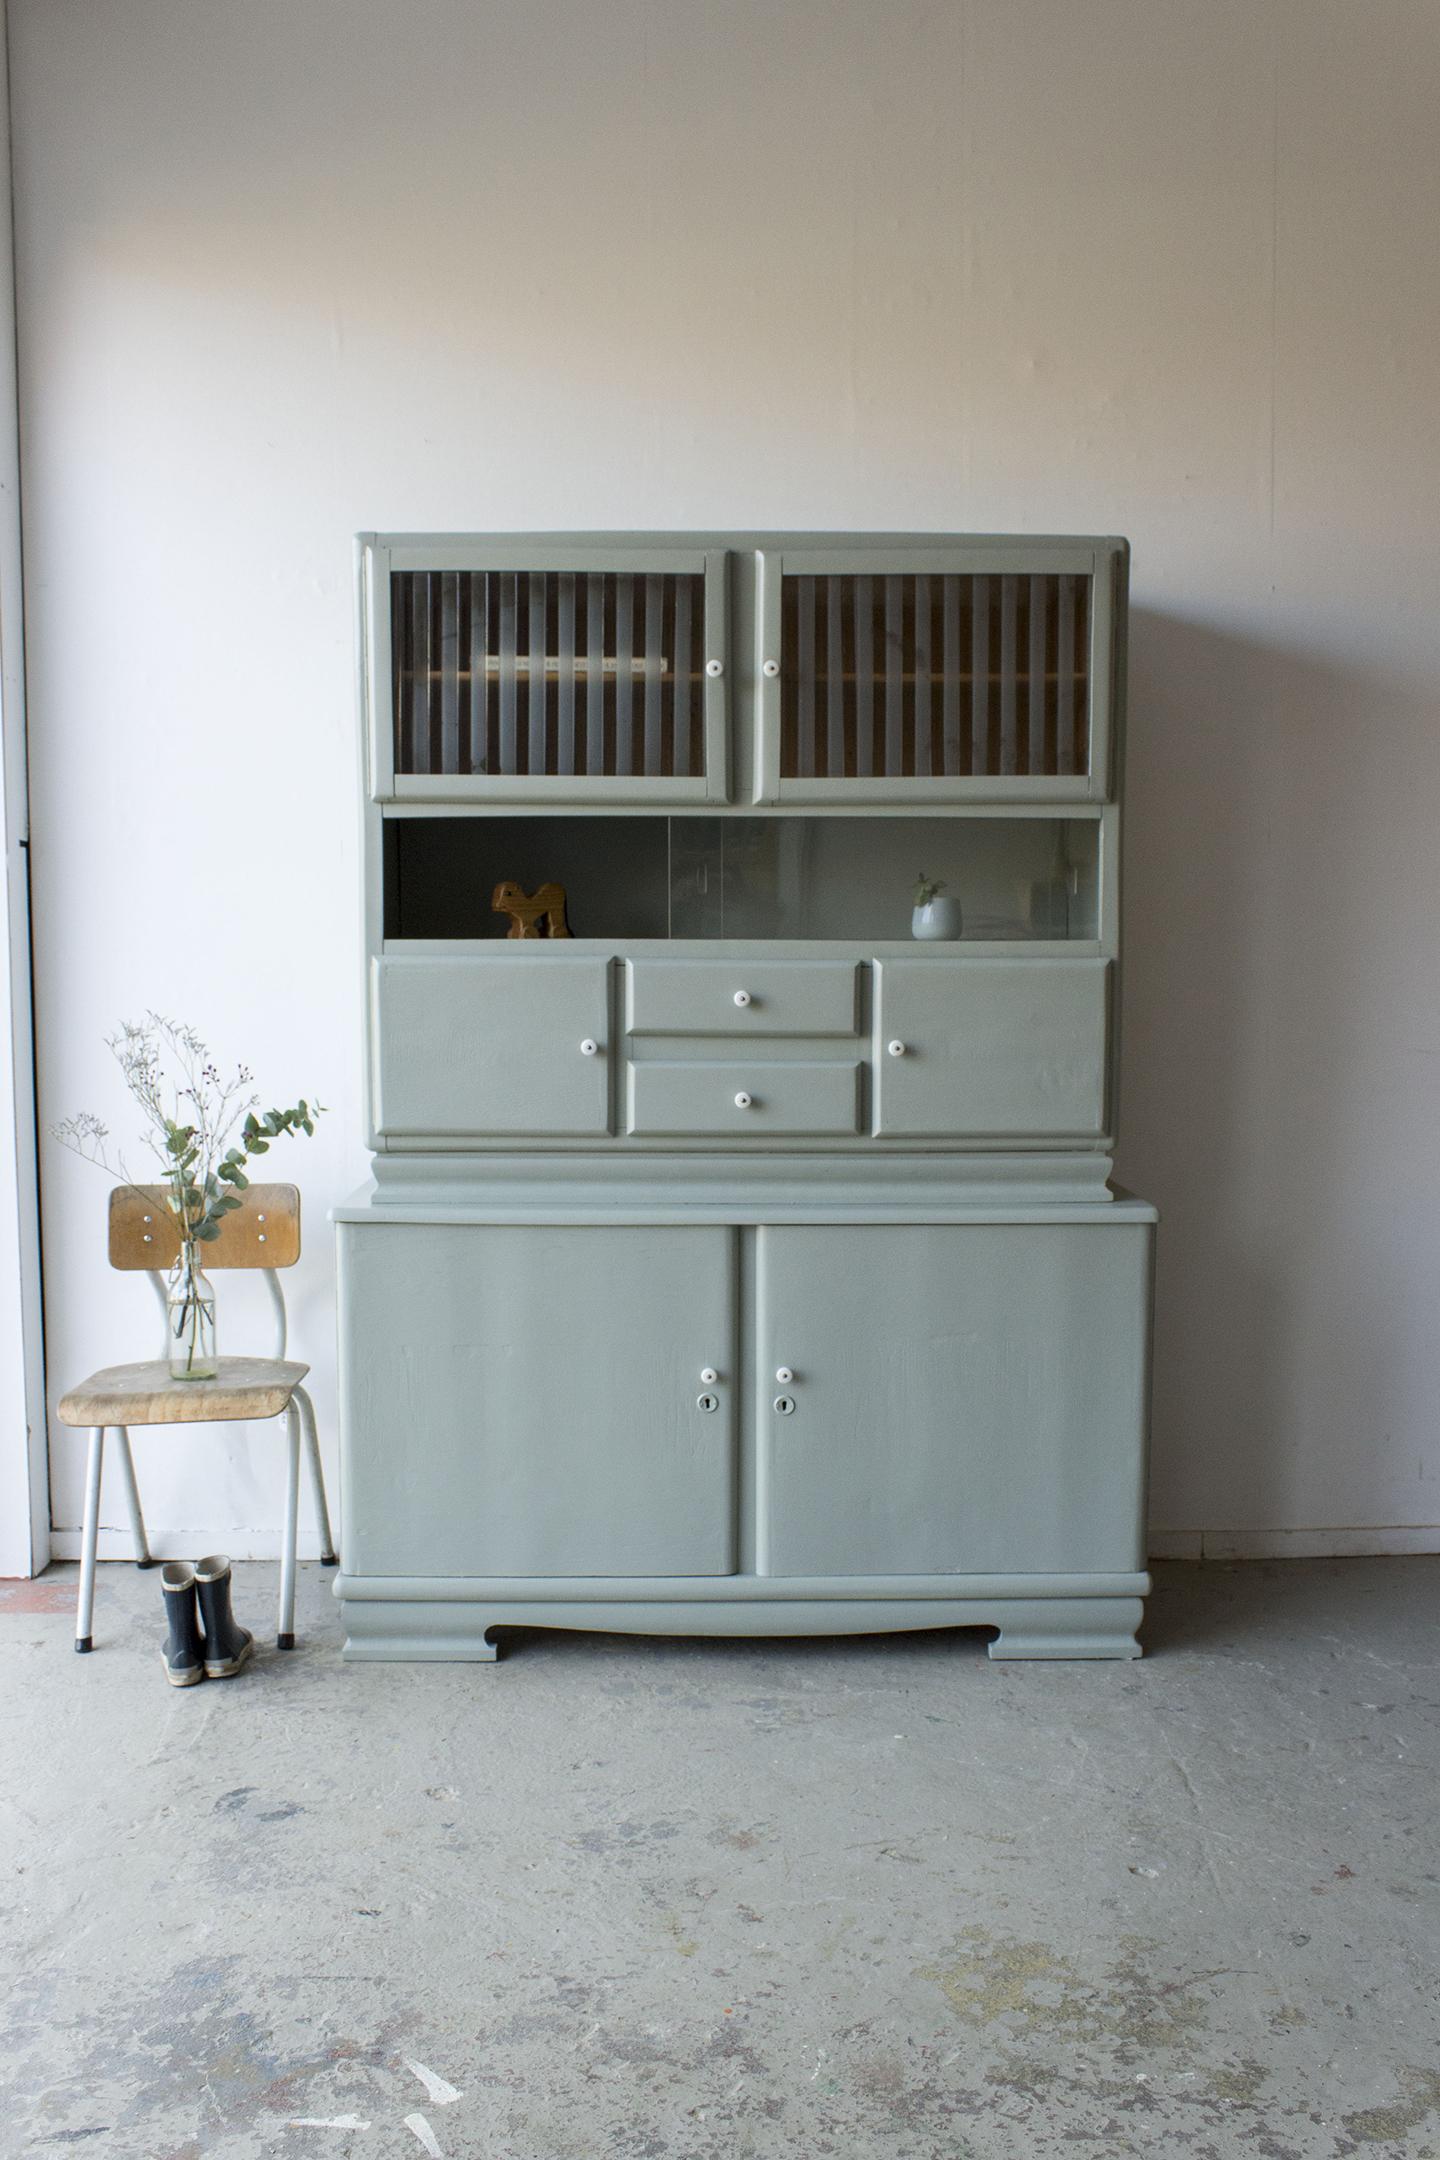 _Grijsgroene vintage keukenkast met ruitjes -  Firma zoethout.jpg